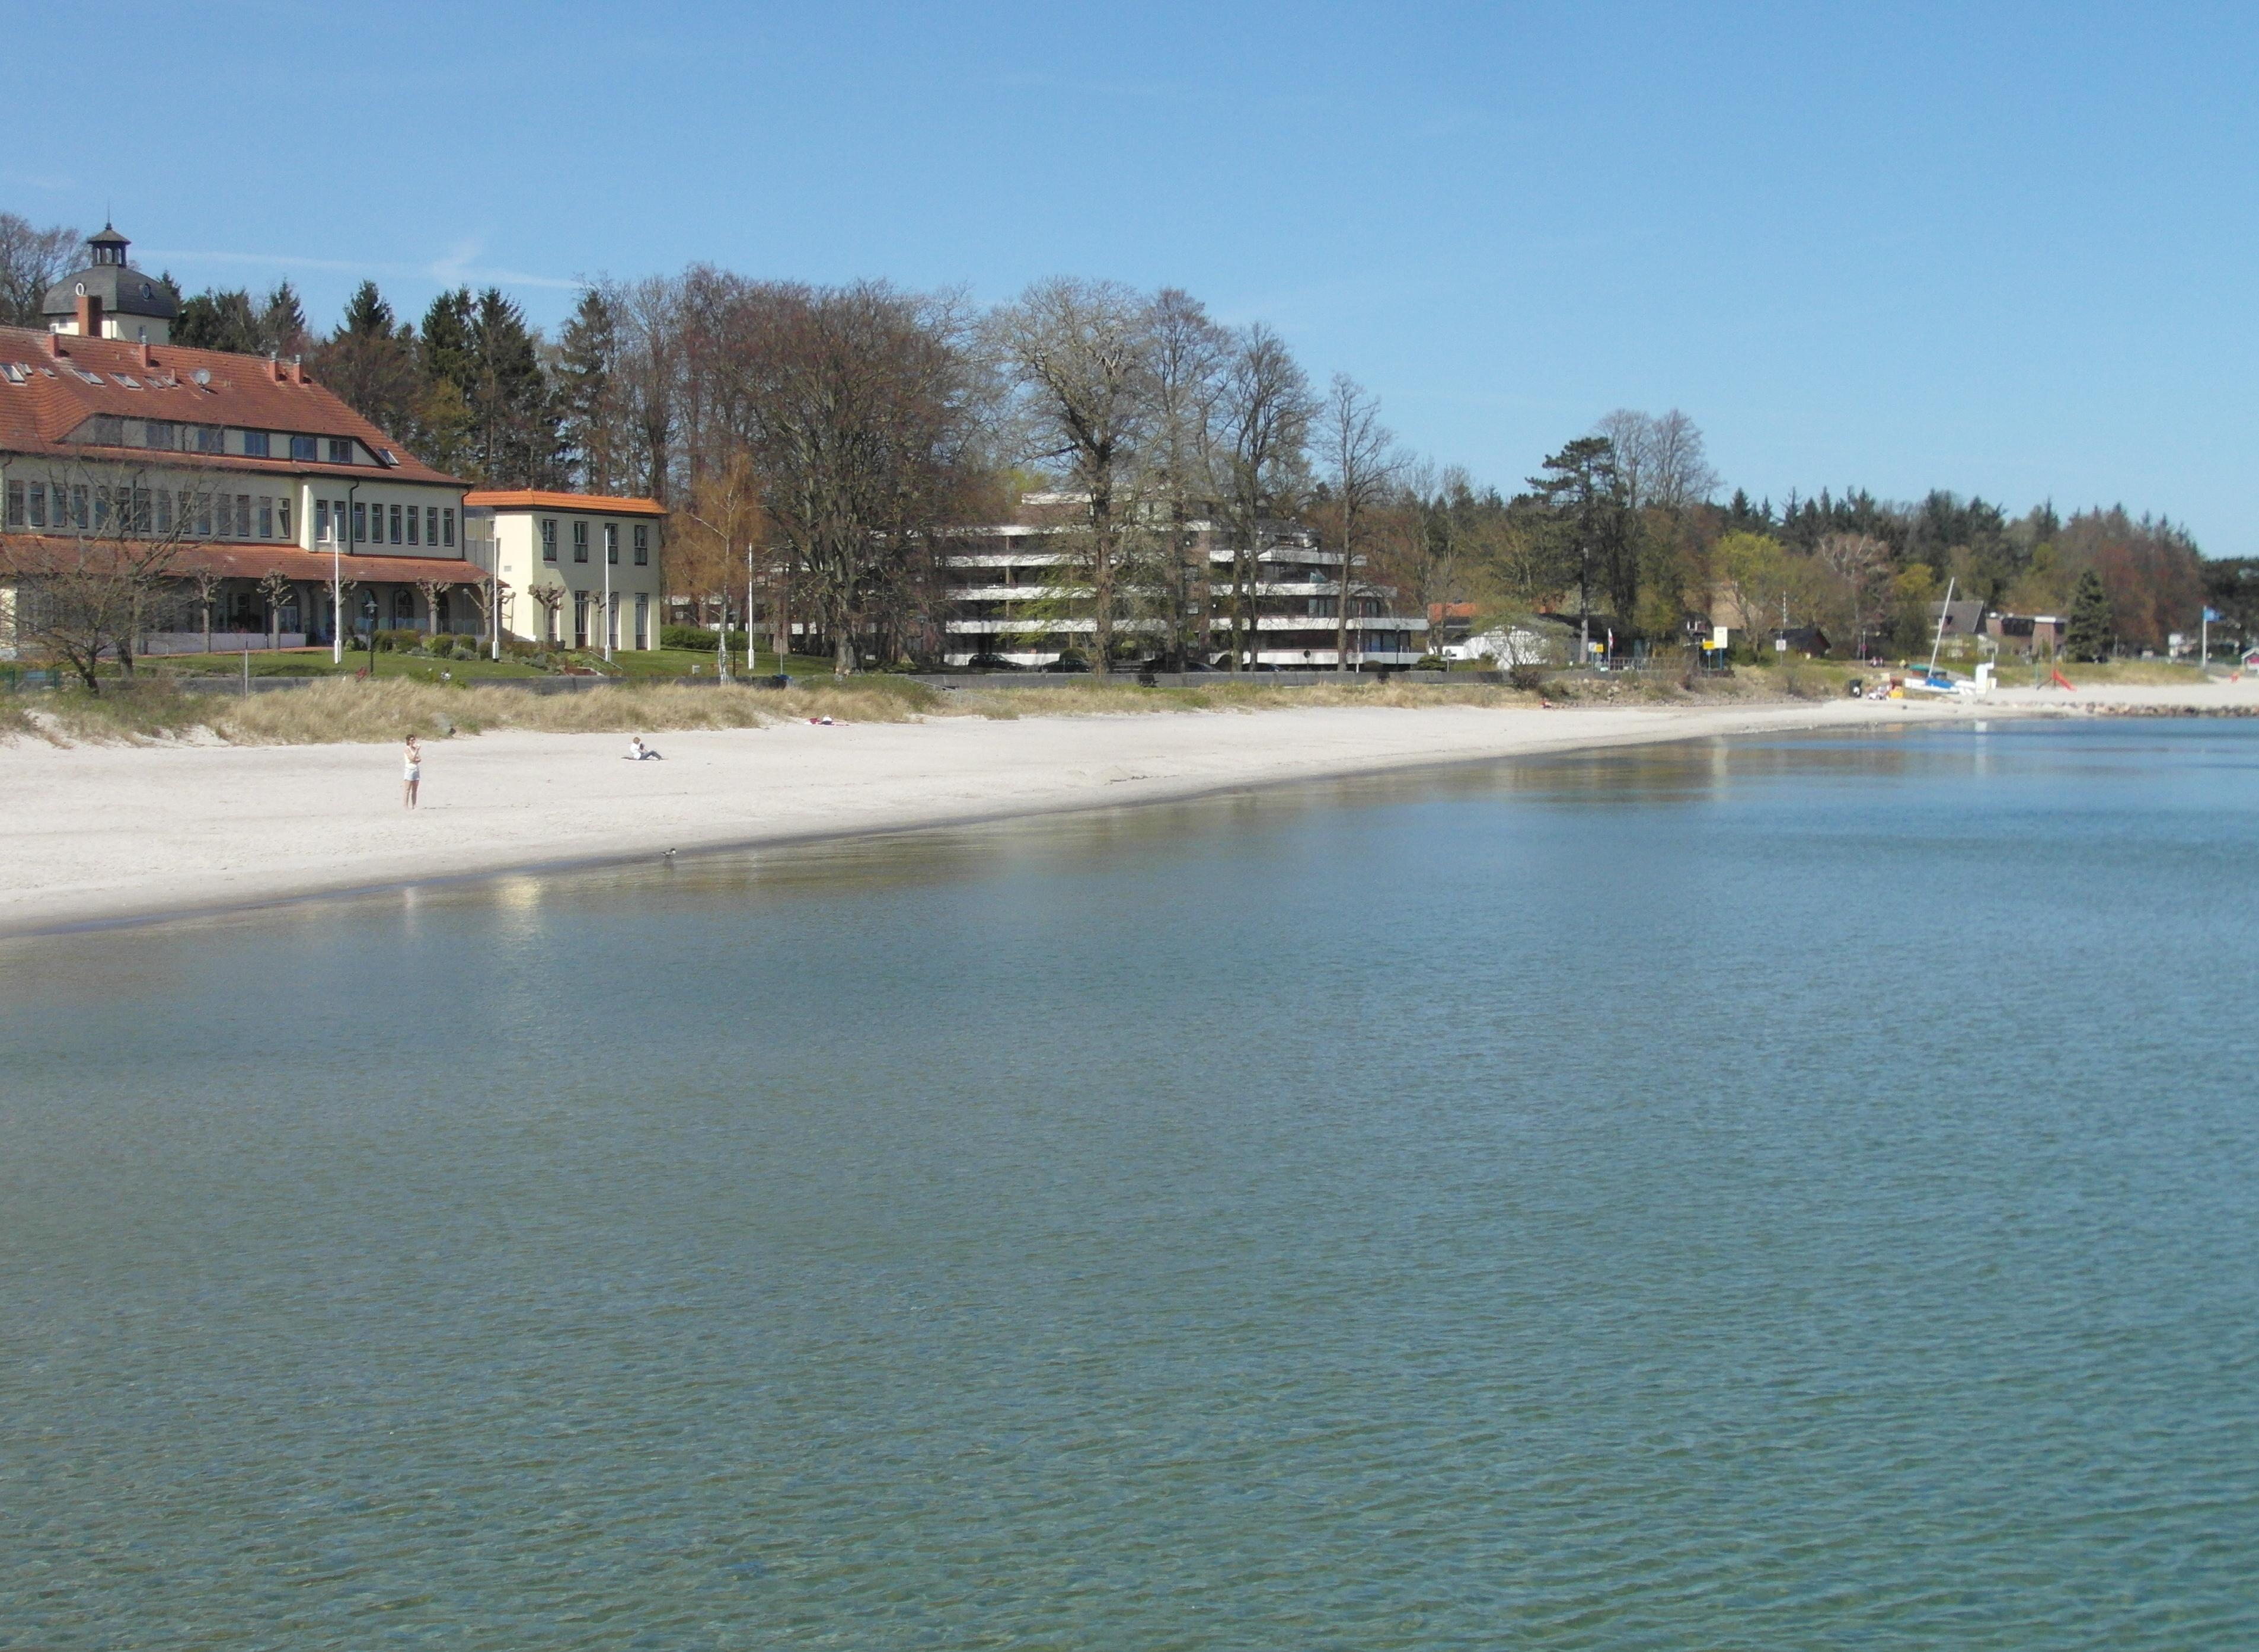 Das Ferienhaus (rechts im Bild)